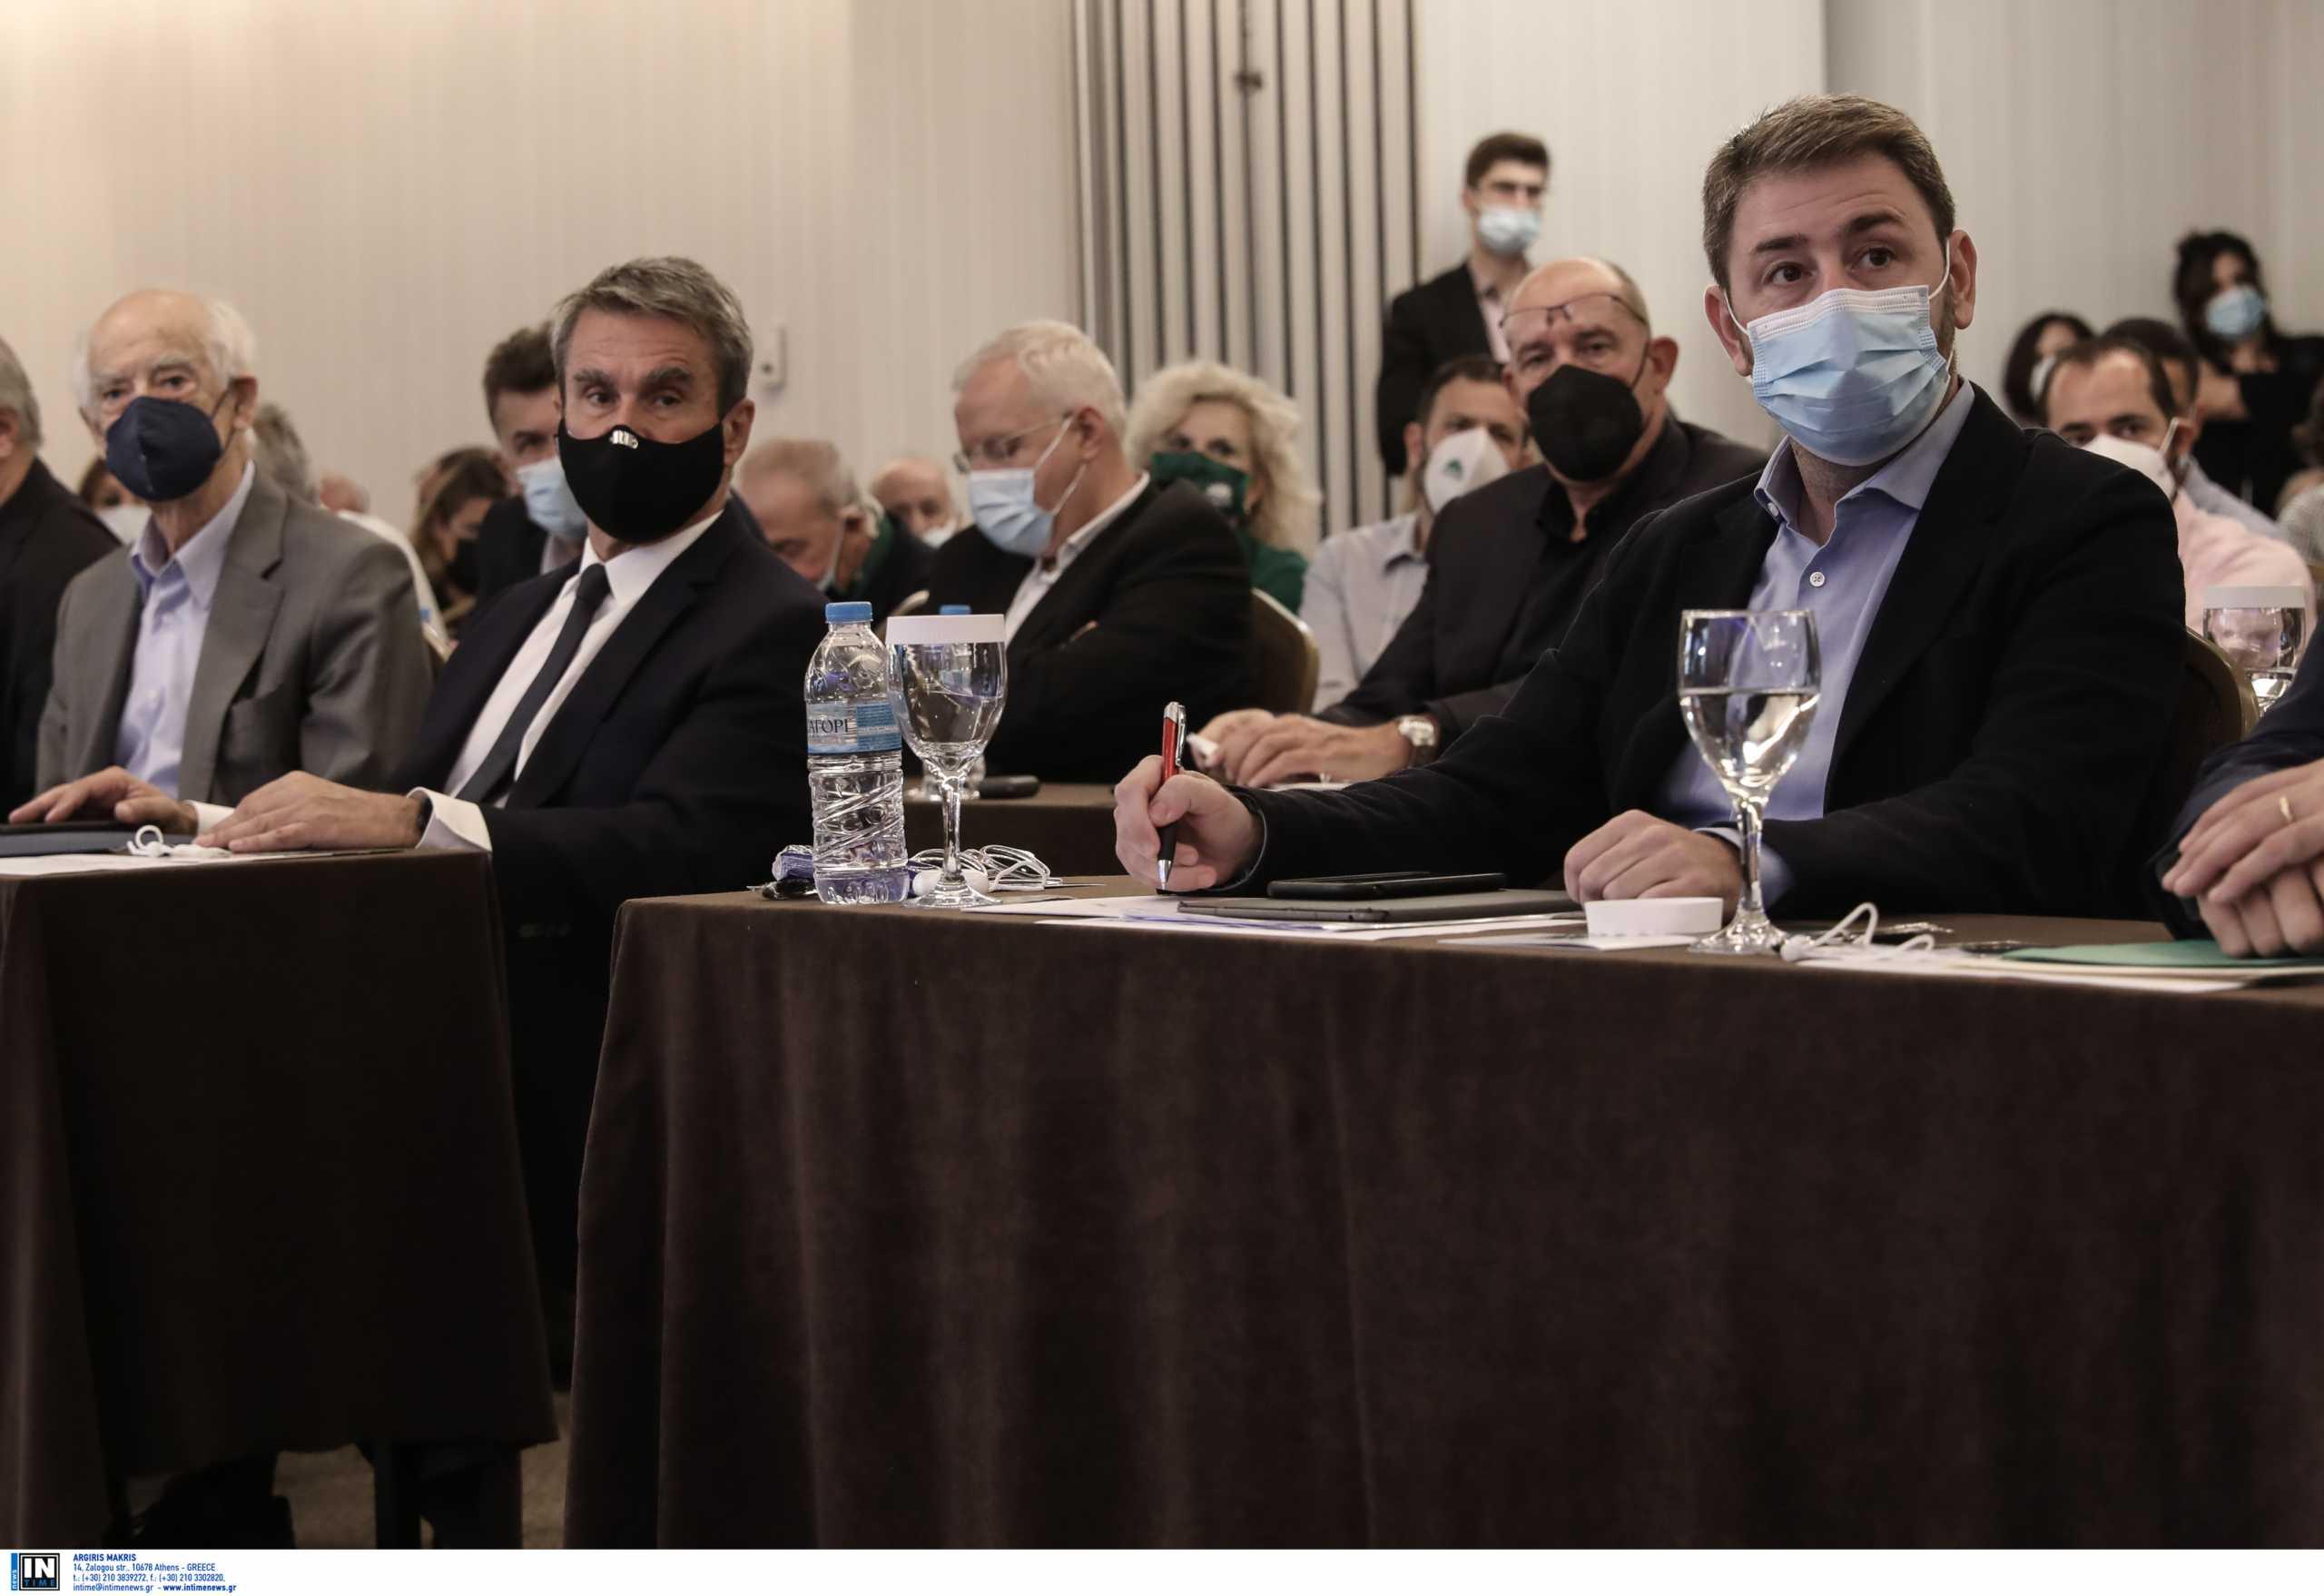 ΚΙΝΑΛ: Συνέχεια στον «σκοτωμό» για τις εκλογές – Ανδρουλάκης: Κάποιοι θέλουν να τις κάνουν μάχη μηχανισμών